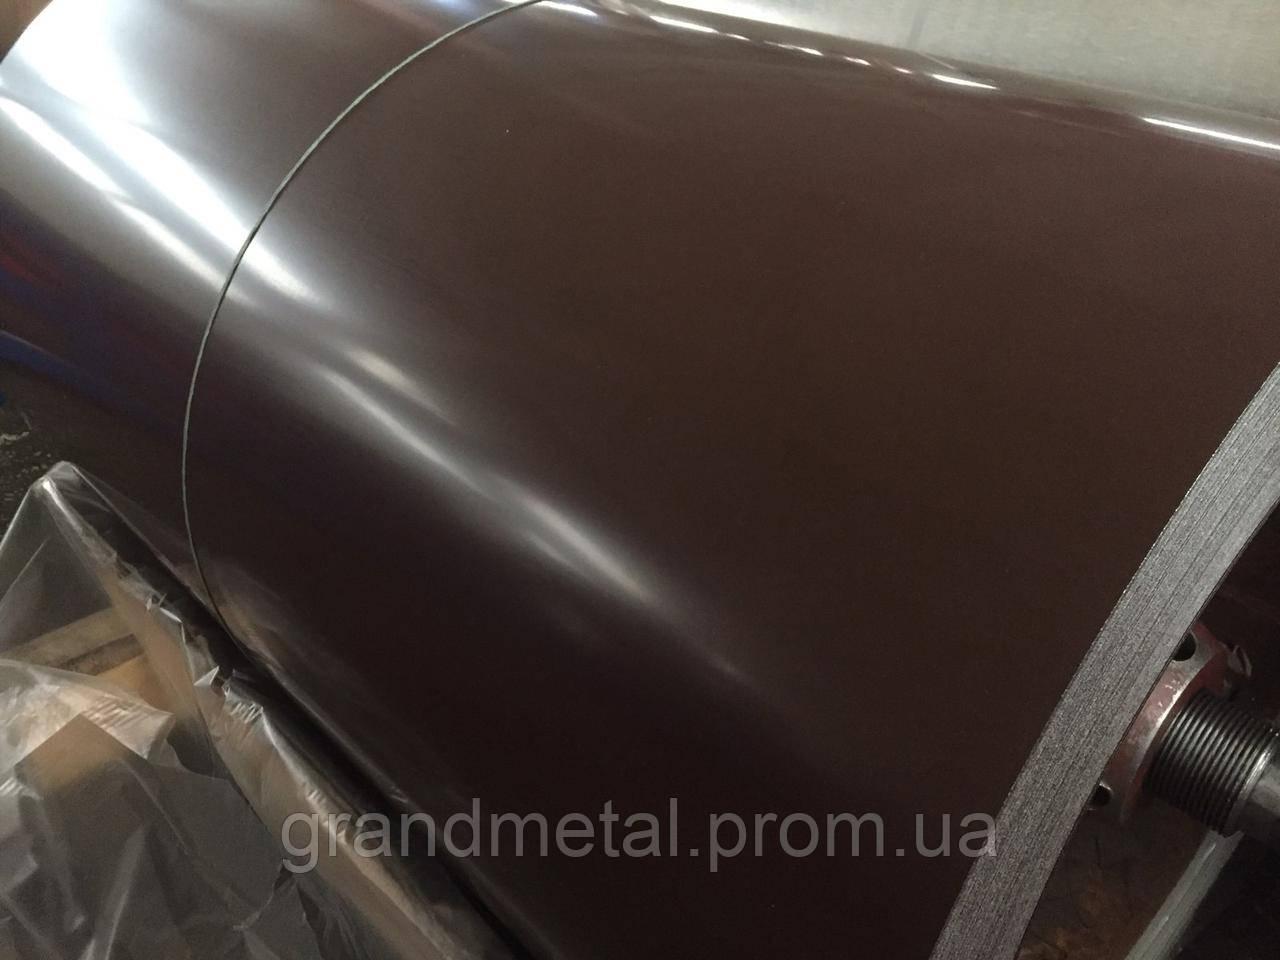 Гладкий лист коричневый РАЛ 8017, полимерный рулон коричневого цвета RAL 8017